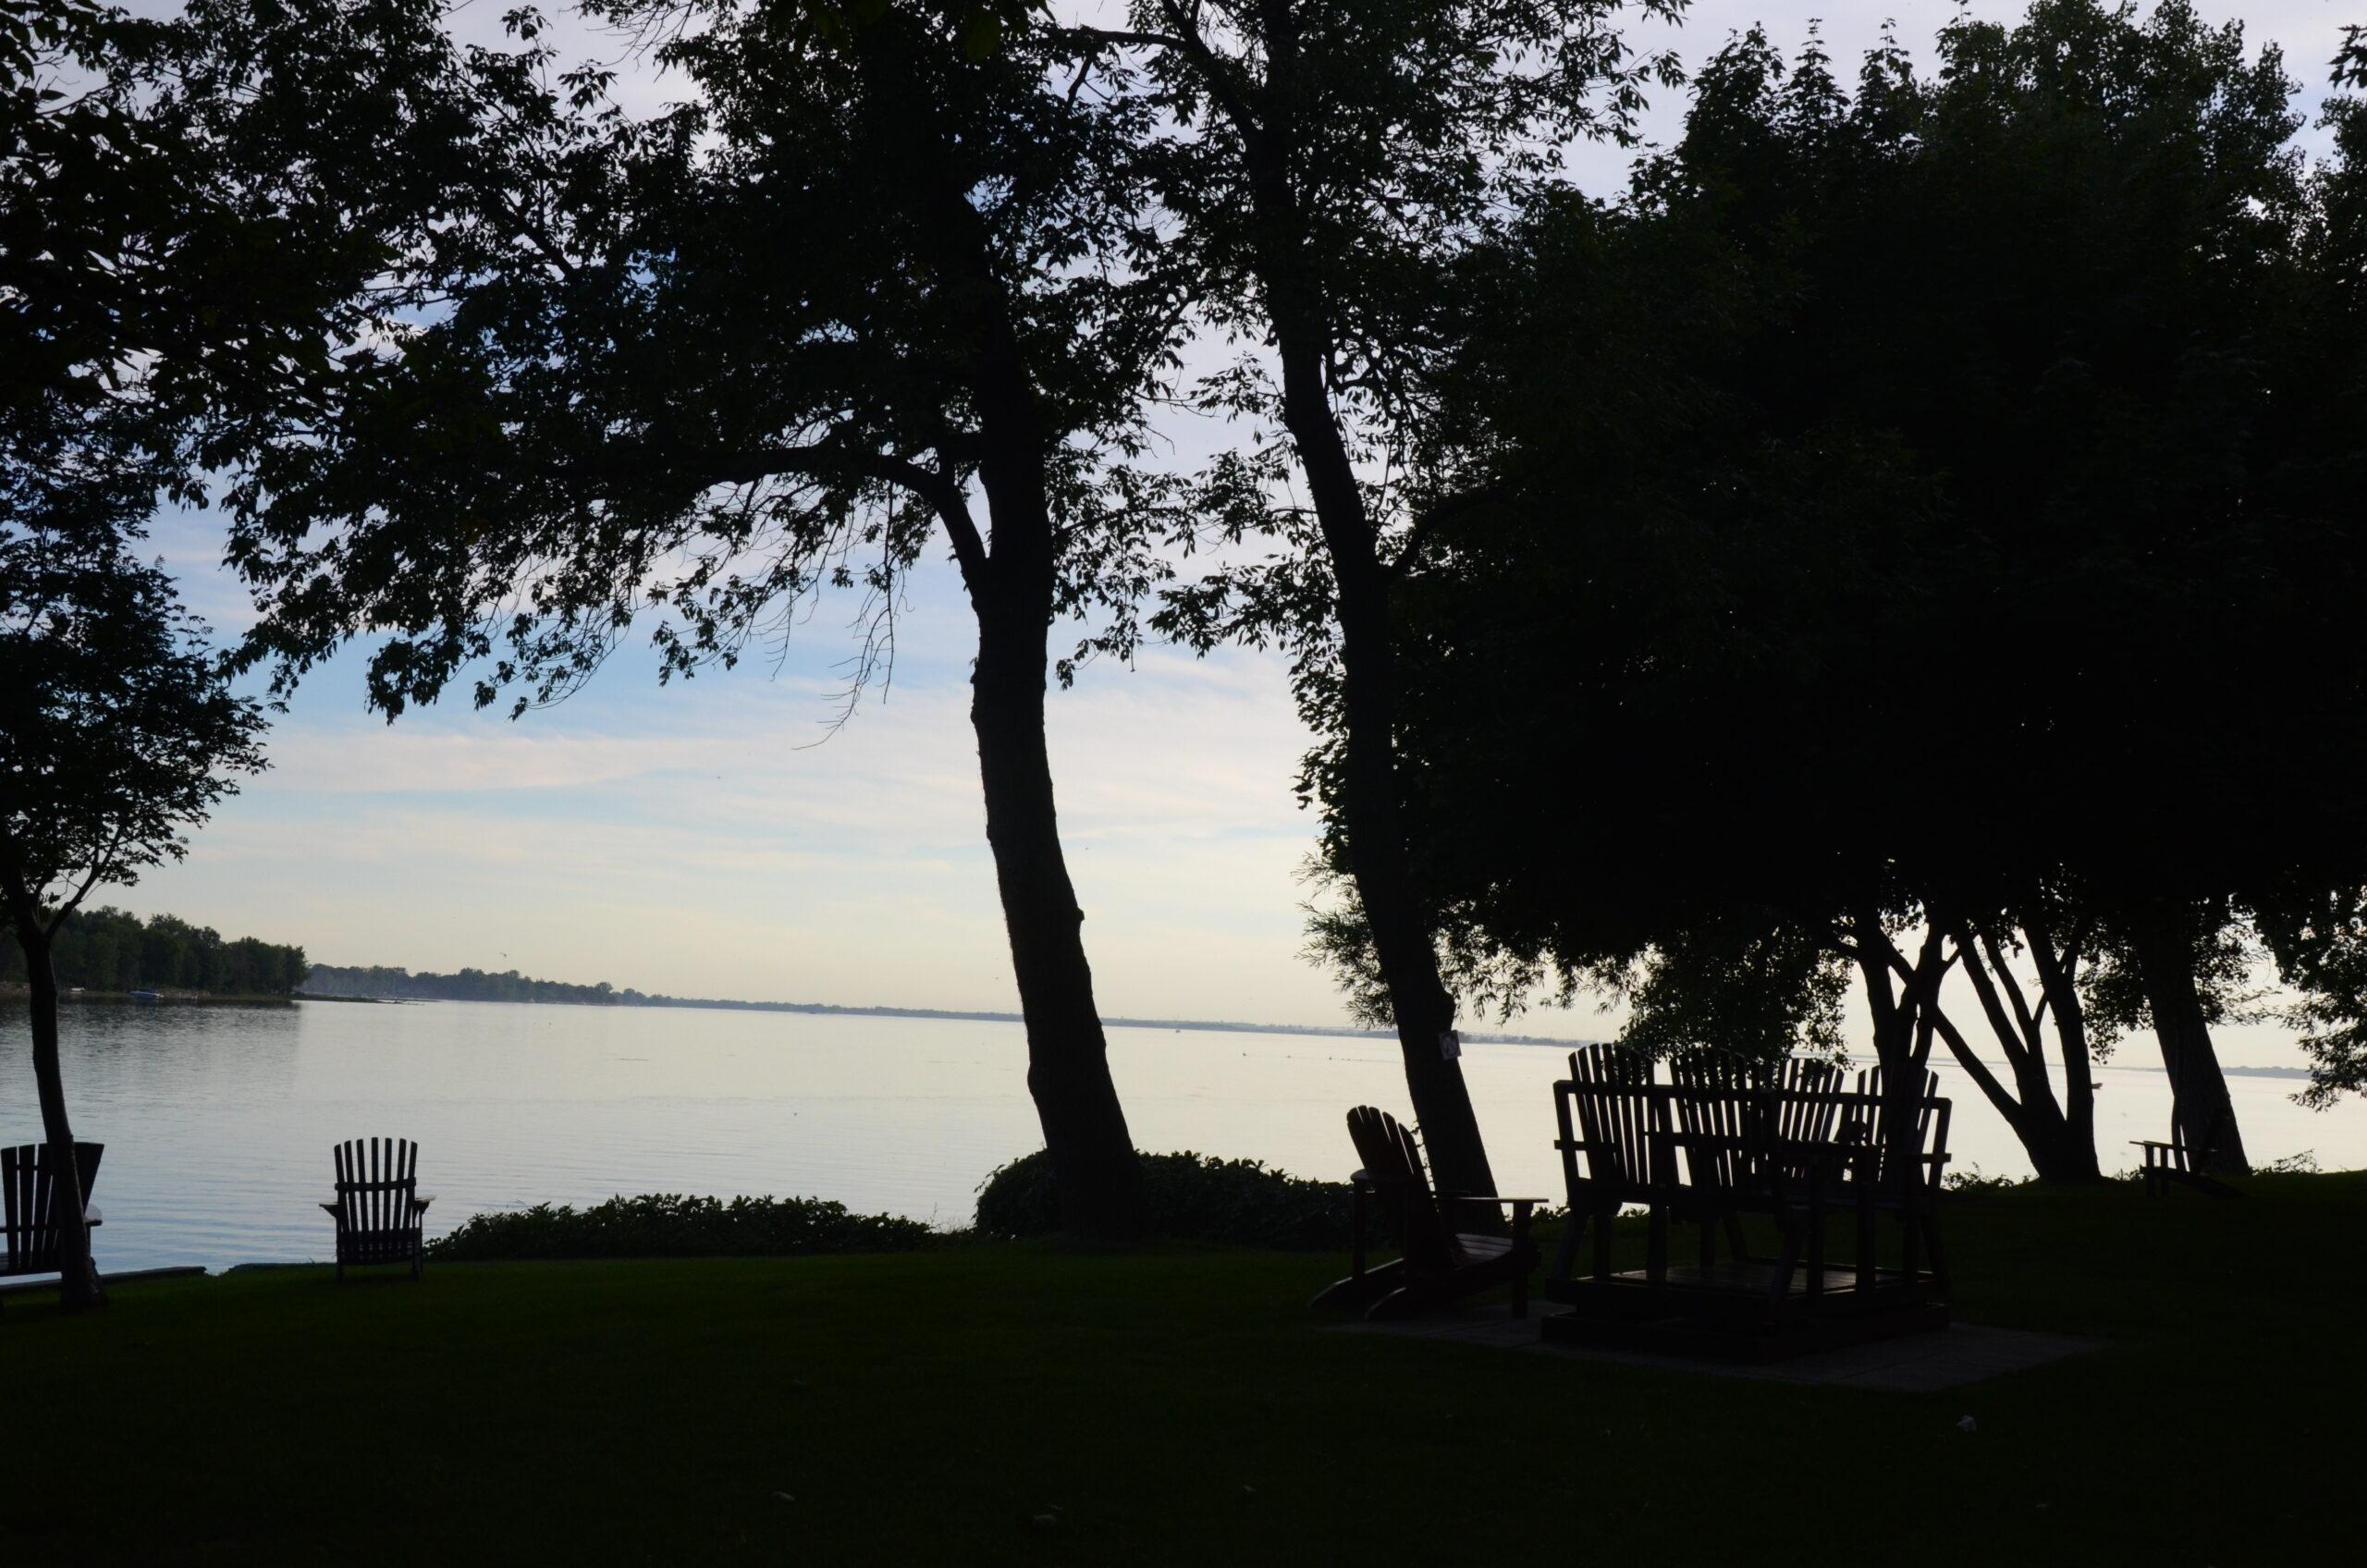 bancs au bord de l'eau avec des arbres